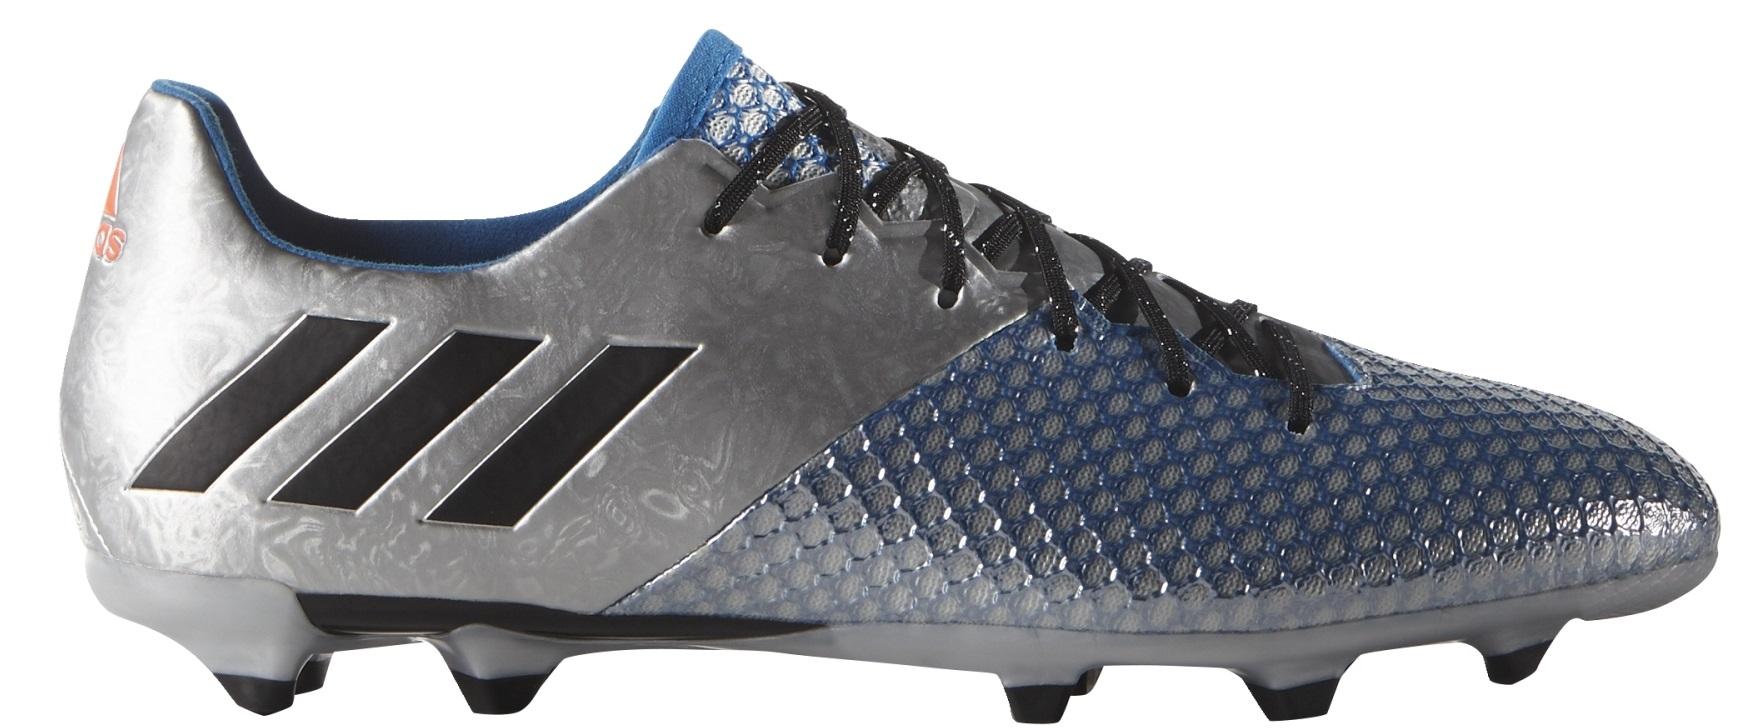 newest 18d0a 6ebbe Shoes Adidas Soccer Messi 16.2 FG colore Grey Blue - Adidas - SportIT.com